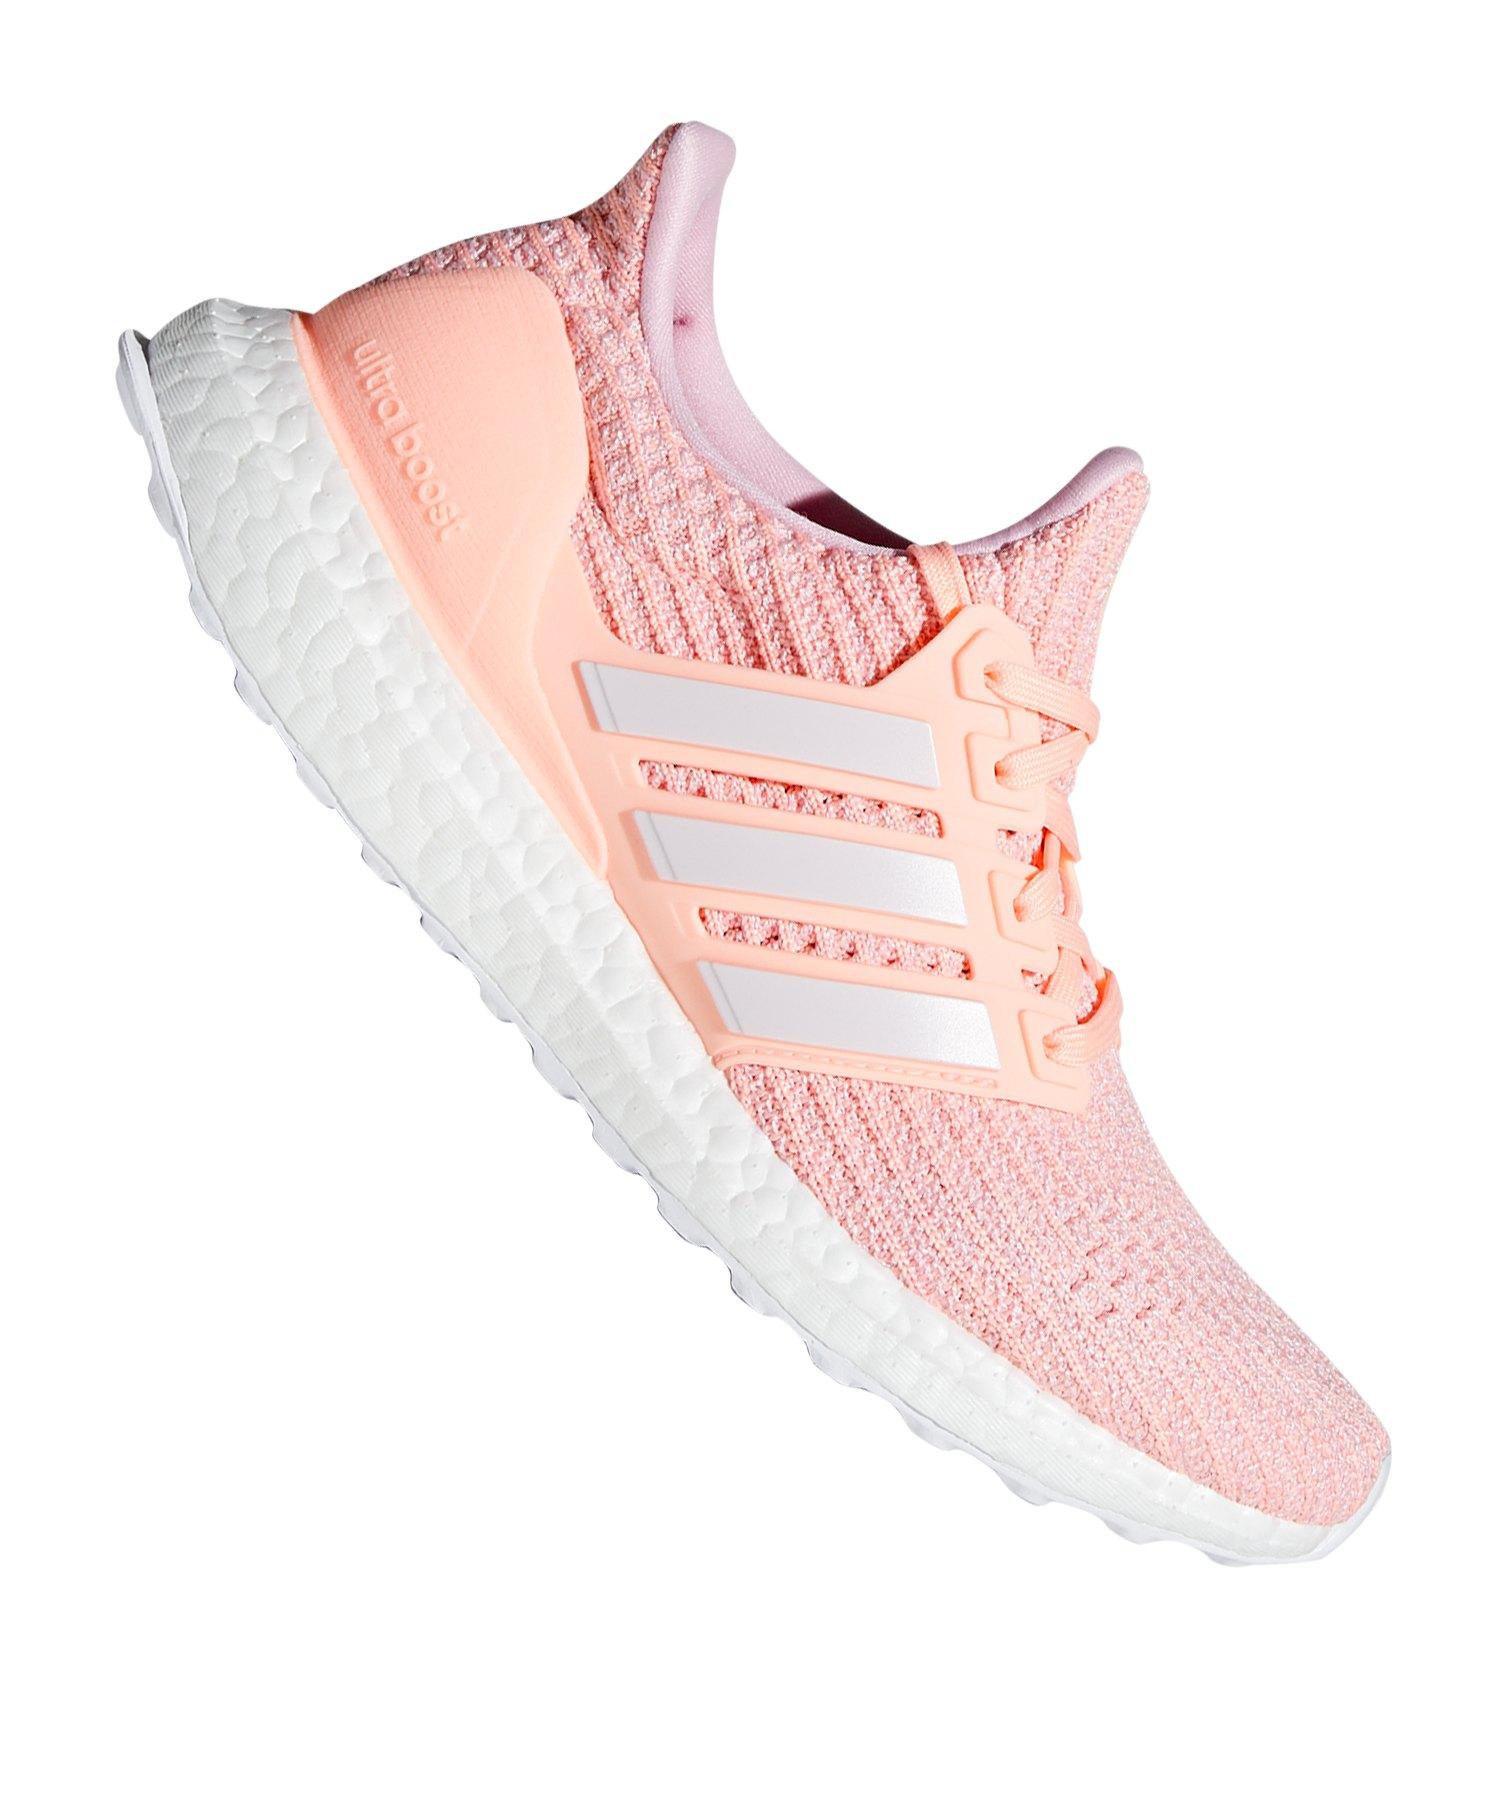 Schuhe Damen Schuhe Weiß Adidas Rosa Weiß Adidas Schuhe